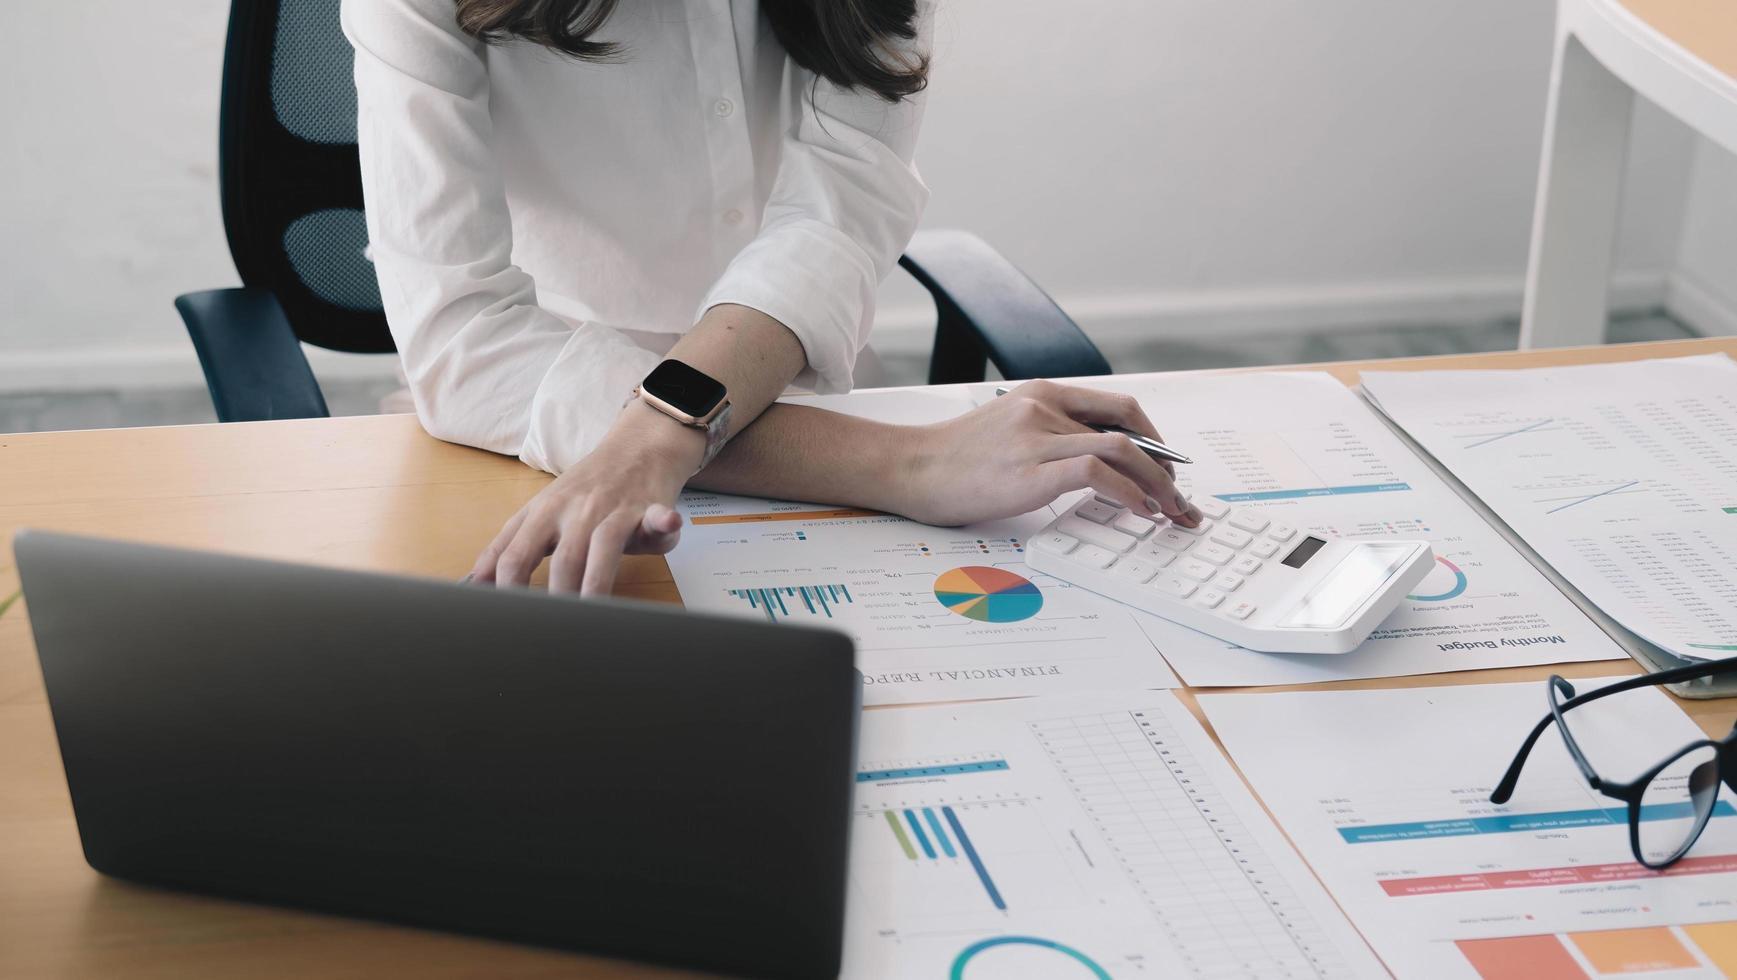 gros plan sur une jeune femme d'affaires examinant les statistiques économiques du projet, calculant les ventes ou les investissements financiers, analysant des graphiques et des graphiques économiques sur ordinateur, gérant le budget. photo